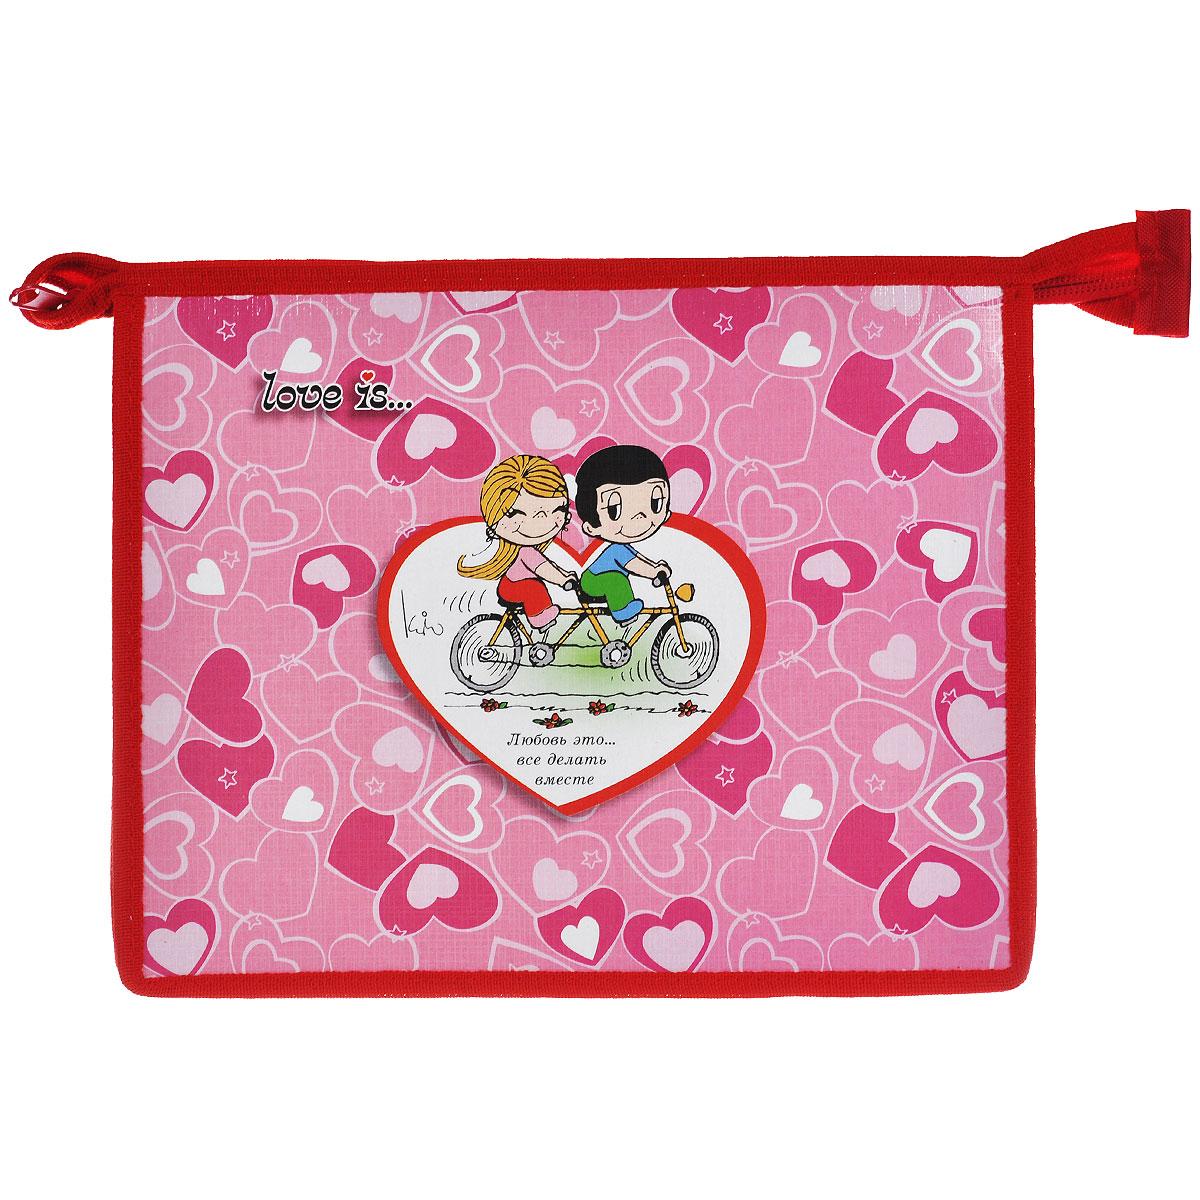 Action! Папка для тетрадей Love is цвет розовый красный C37674/LI-FZA5-1C37674/LI-FZA5-1 розовыйПапка Action! Love is предназначена для хранения тетрадей, рисунков и прочих бумаг с максимальным форматом А5. Папка выполнена из картона и ПВХ и содержит одно отделение. Закрывается она на застежку-молнию. Лицевая сторона папки оформлена изображениями двух влюбленных и надписью Любовь это... все делать вместе. С папкой Action! Love is тетради вашего ребенка всегда будут выглядеть опрятно.